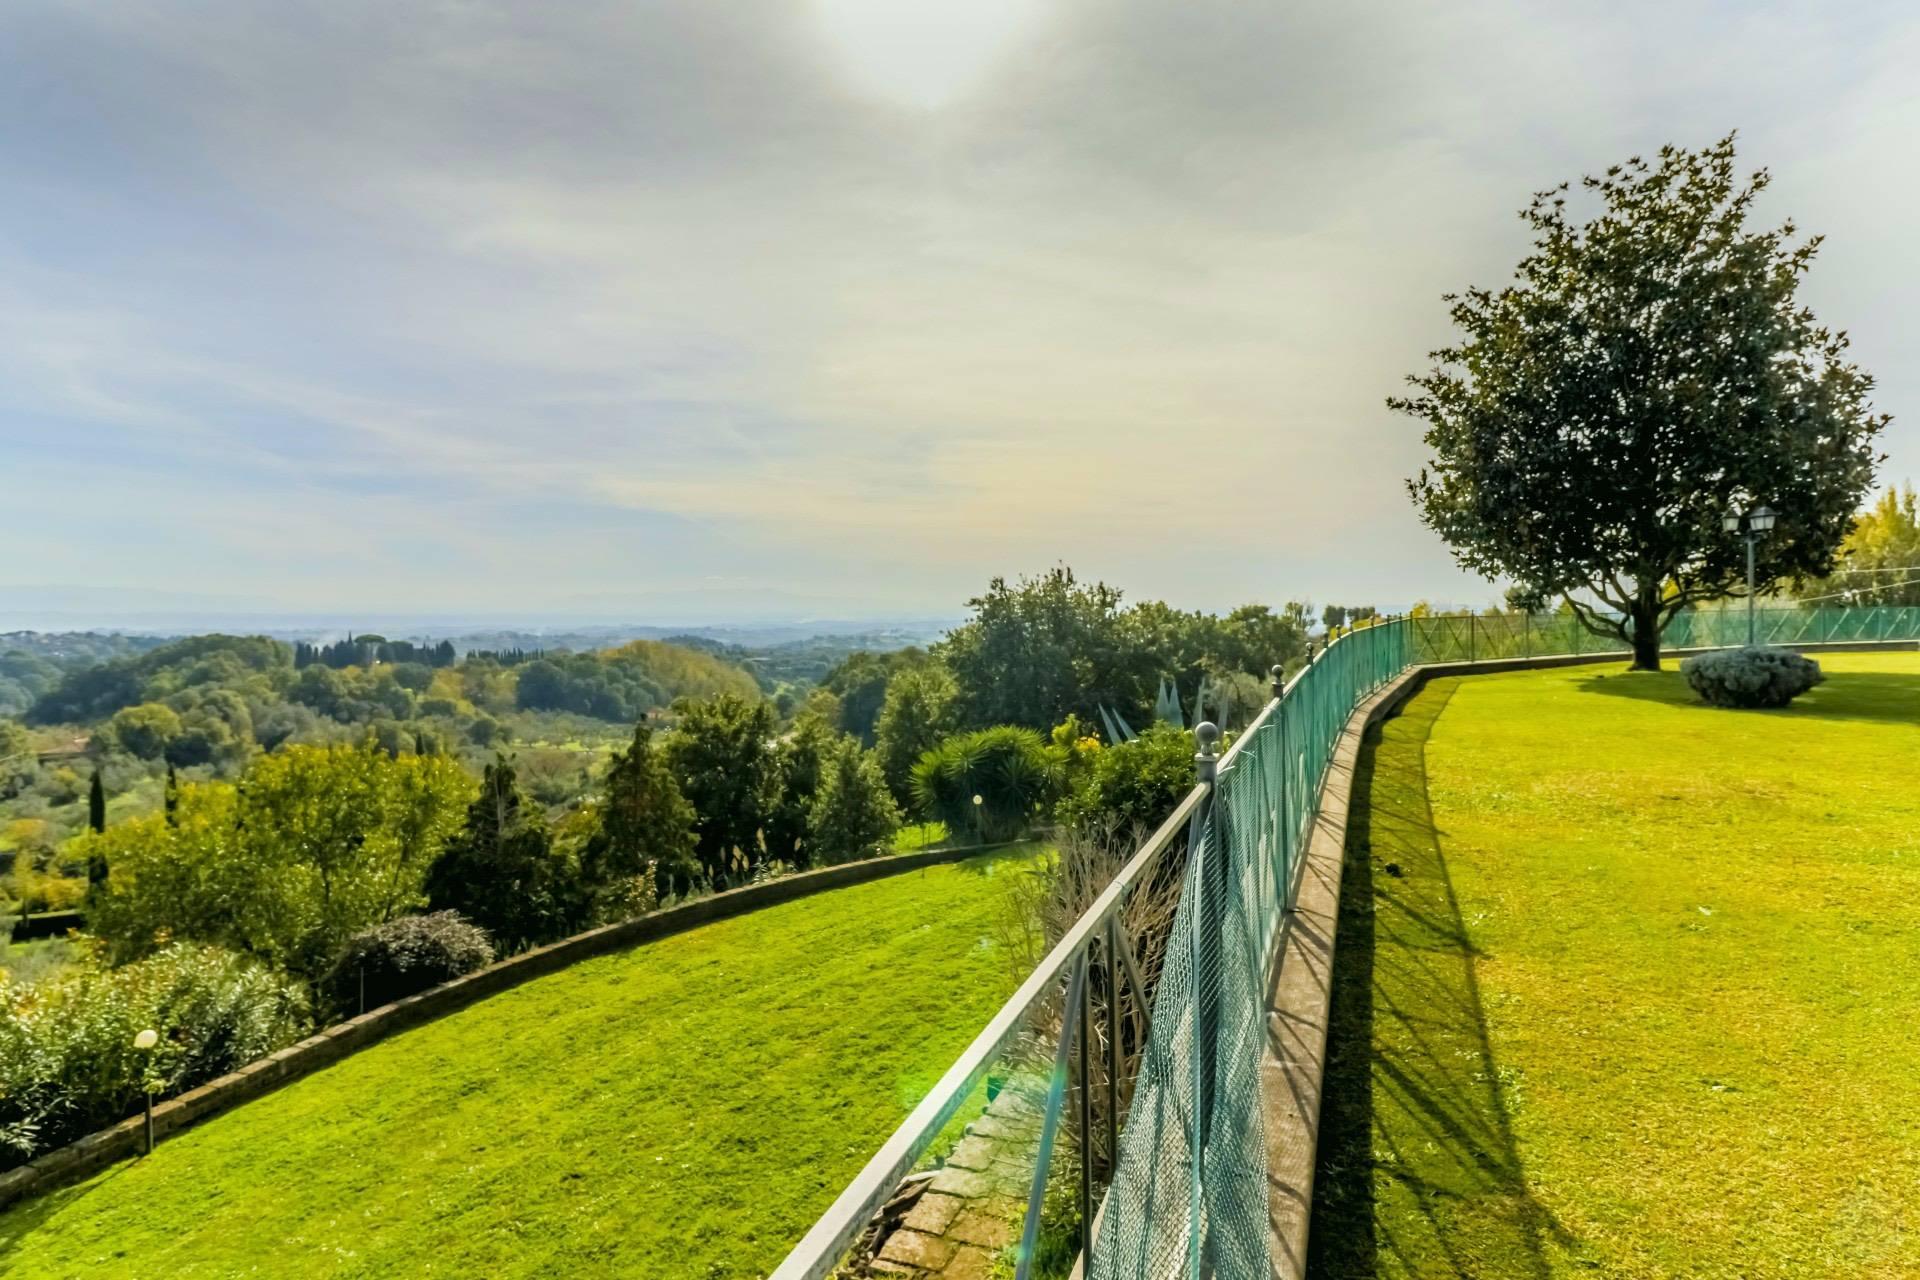 Villa in Vendita a Sacrofano: 5 locali, 180 mq - Foto 23